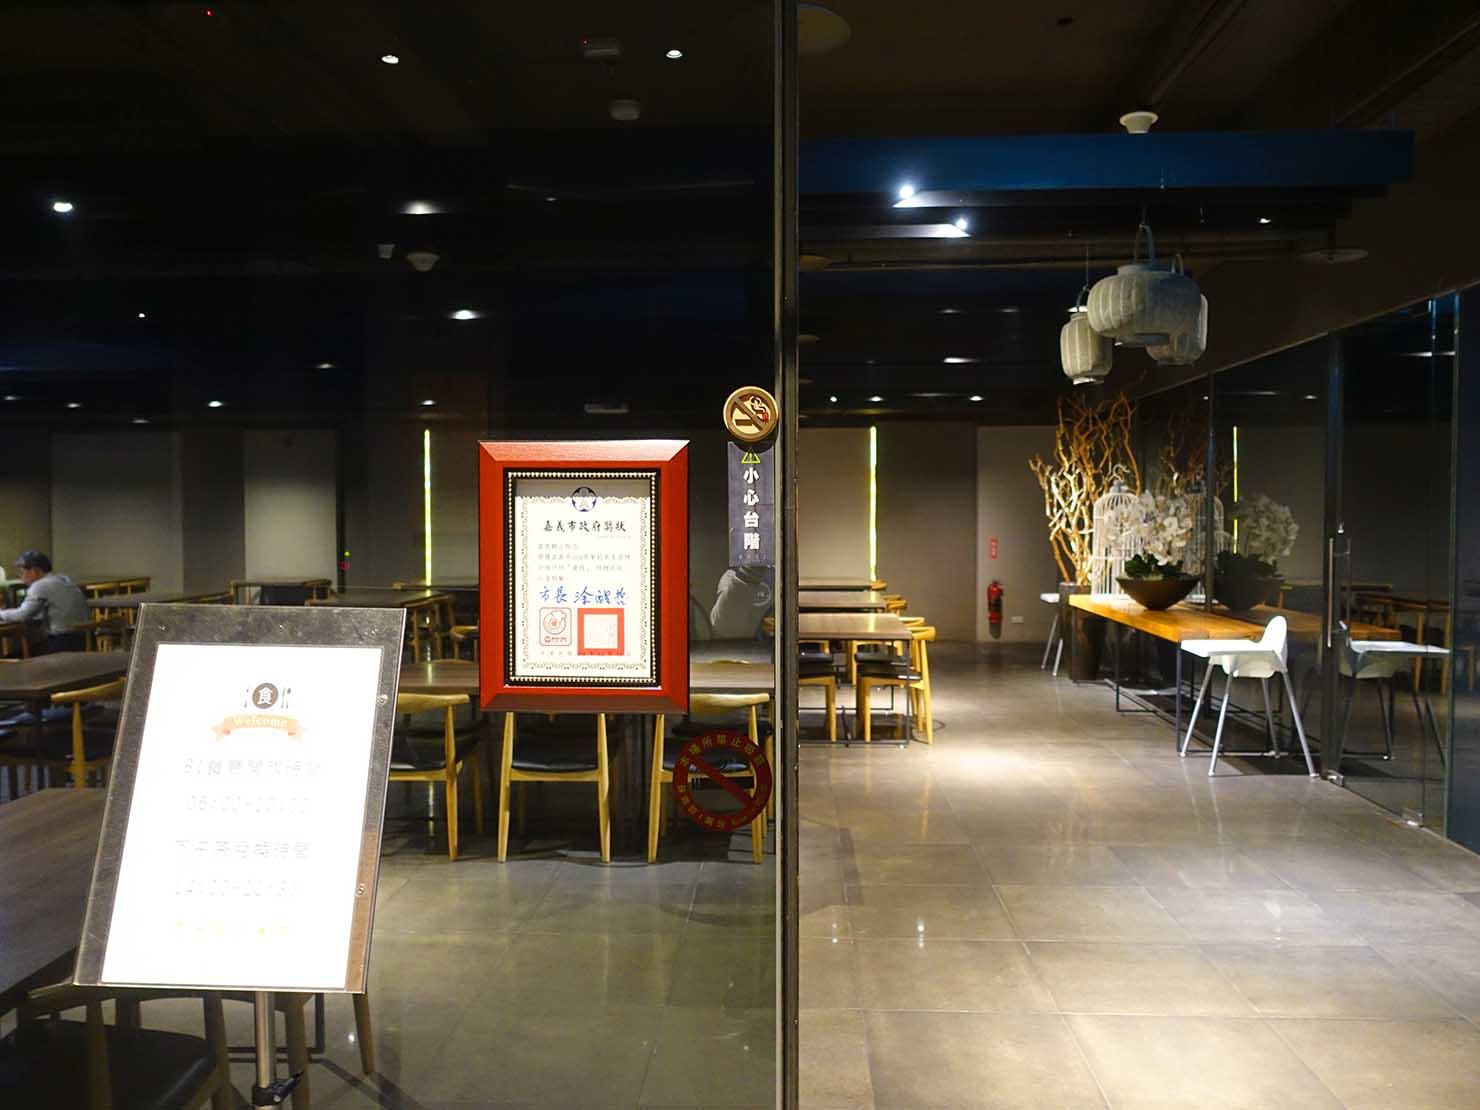 嘉義のおすすめホテル「嘉義觀止」B1Fの觀止餐廳エントランス